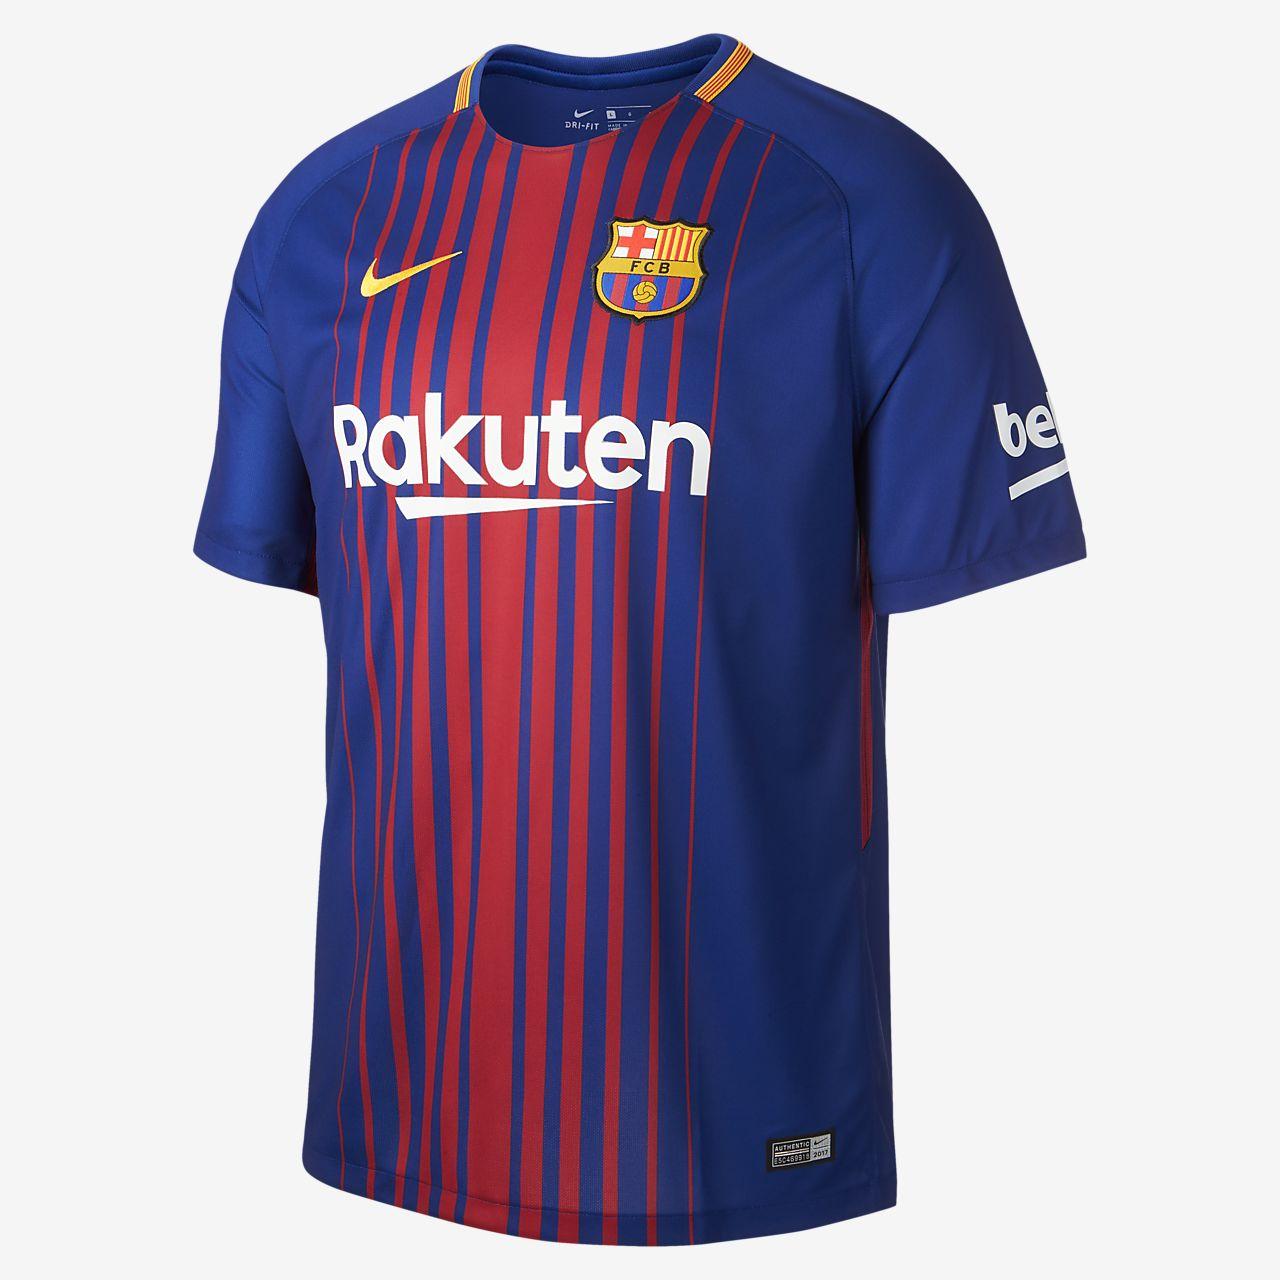 e15afa1c2d0 2017/18 FC Barcelona Stadium Home Men's Football Shirt. Nike.com CA